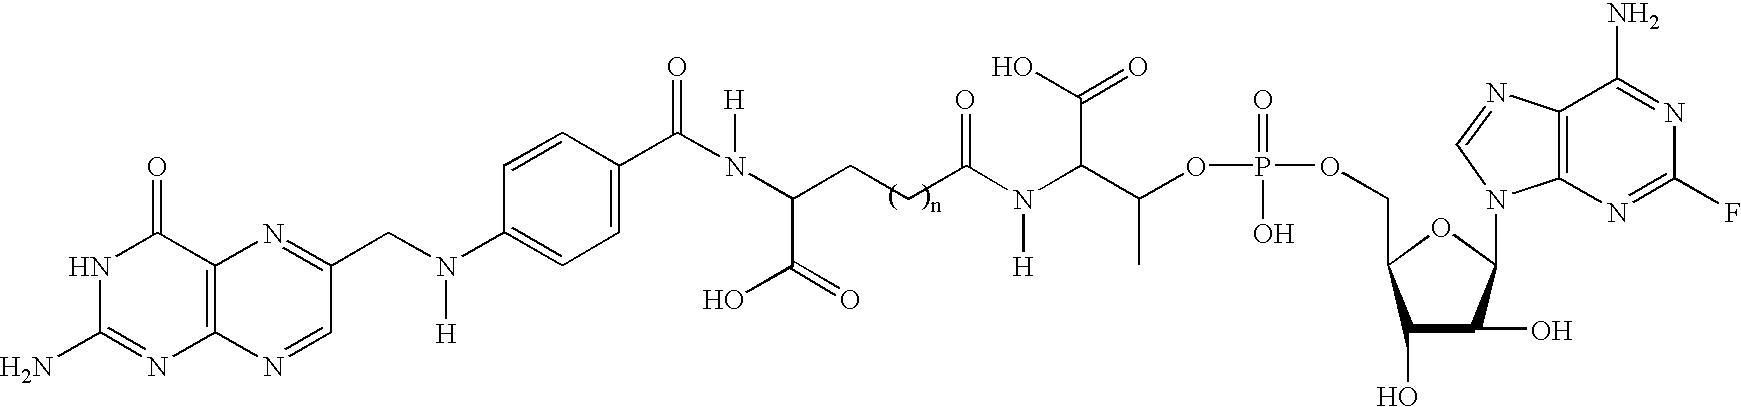 Figure US20030104985A1-20030605-C00026